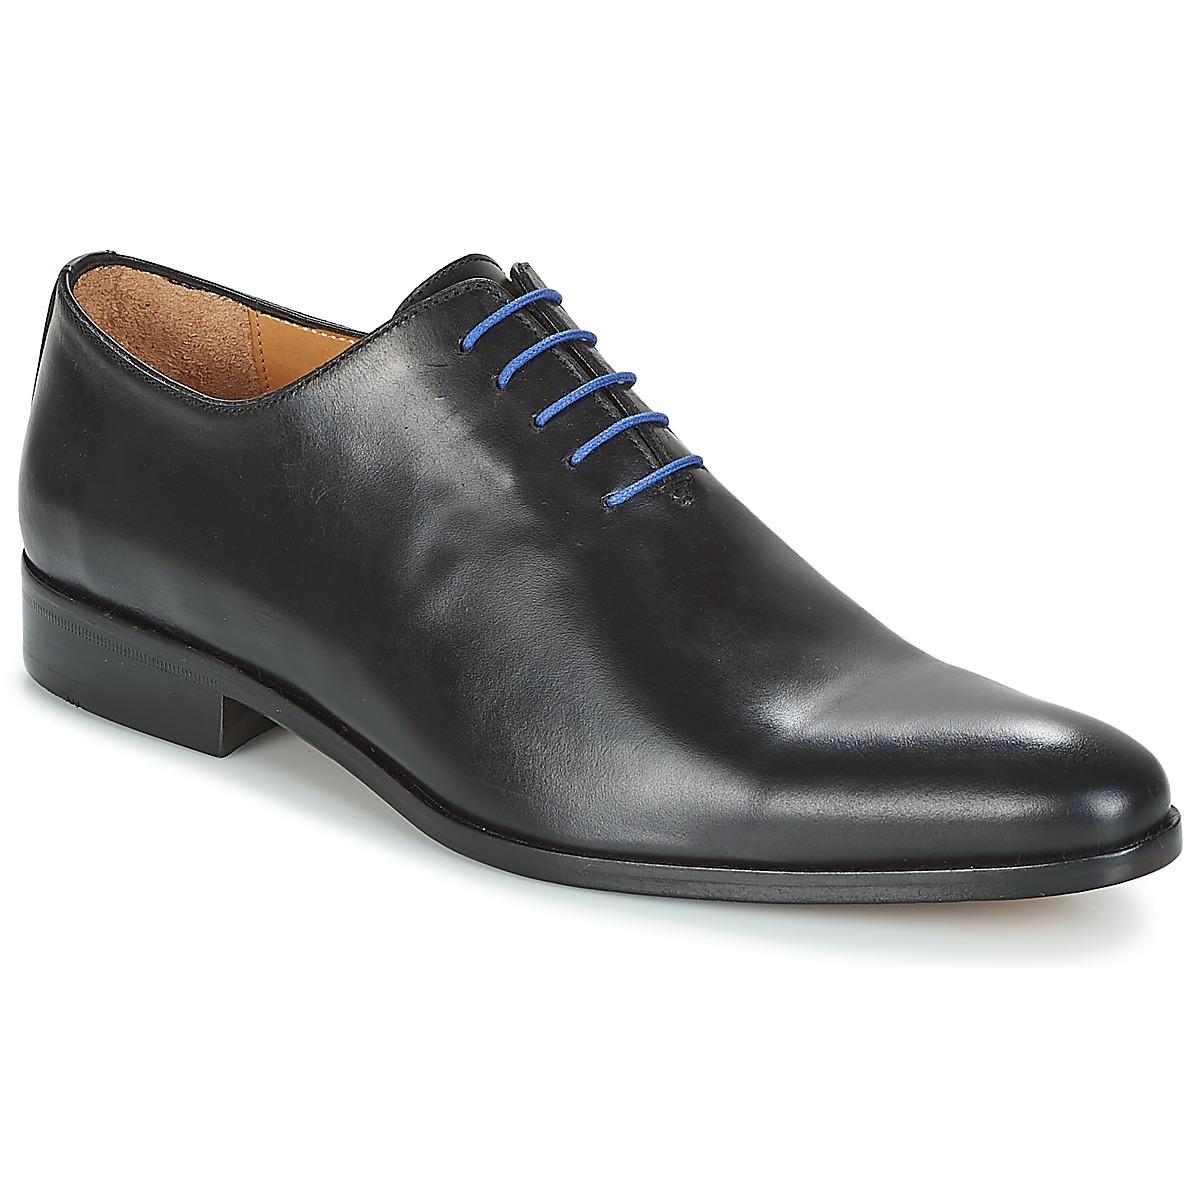 Snerovaci spolecenska obuv Brett & Sons AGUSTIN Černá